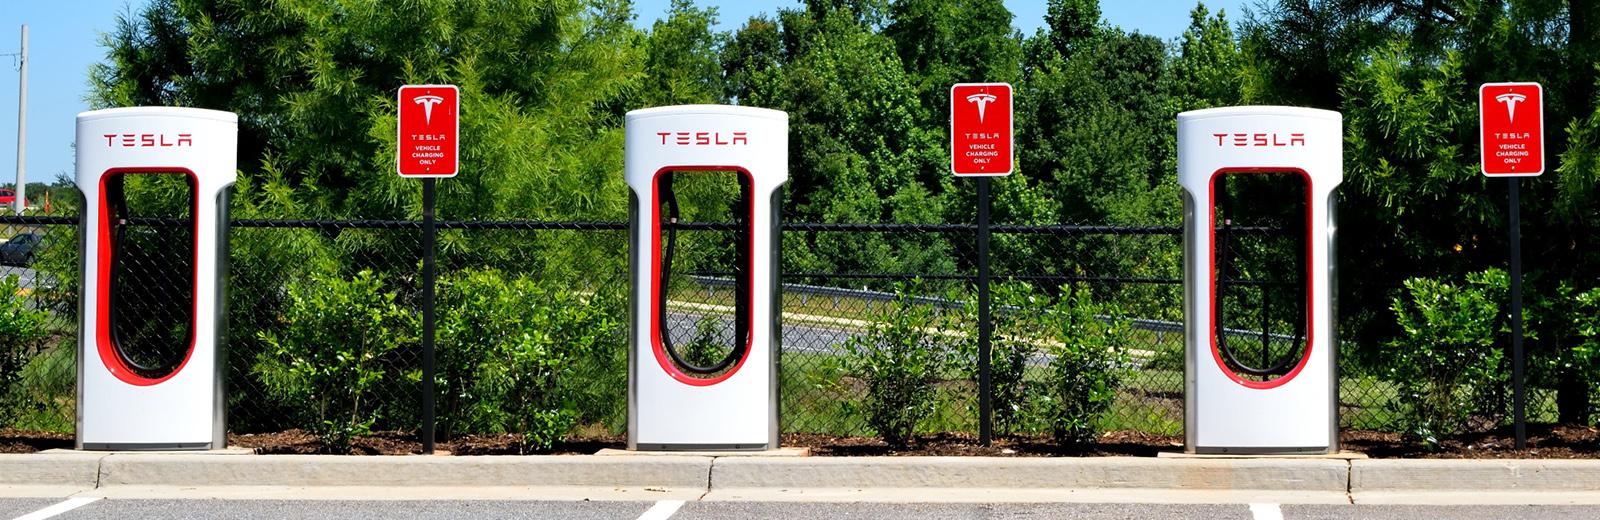 Tesla public superchargers